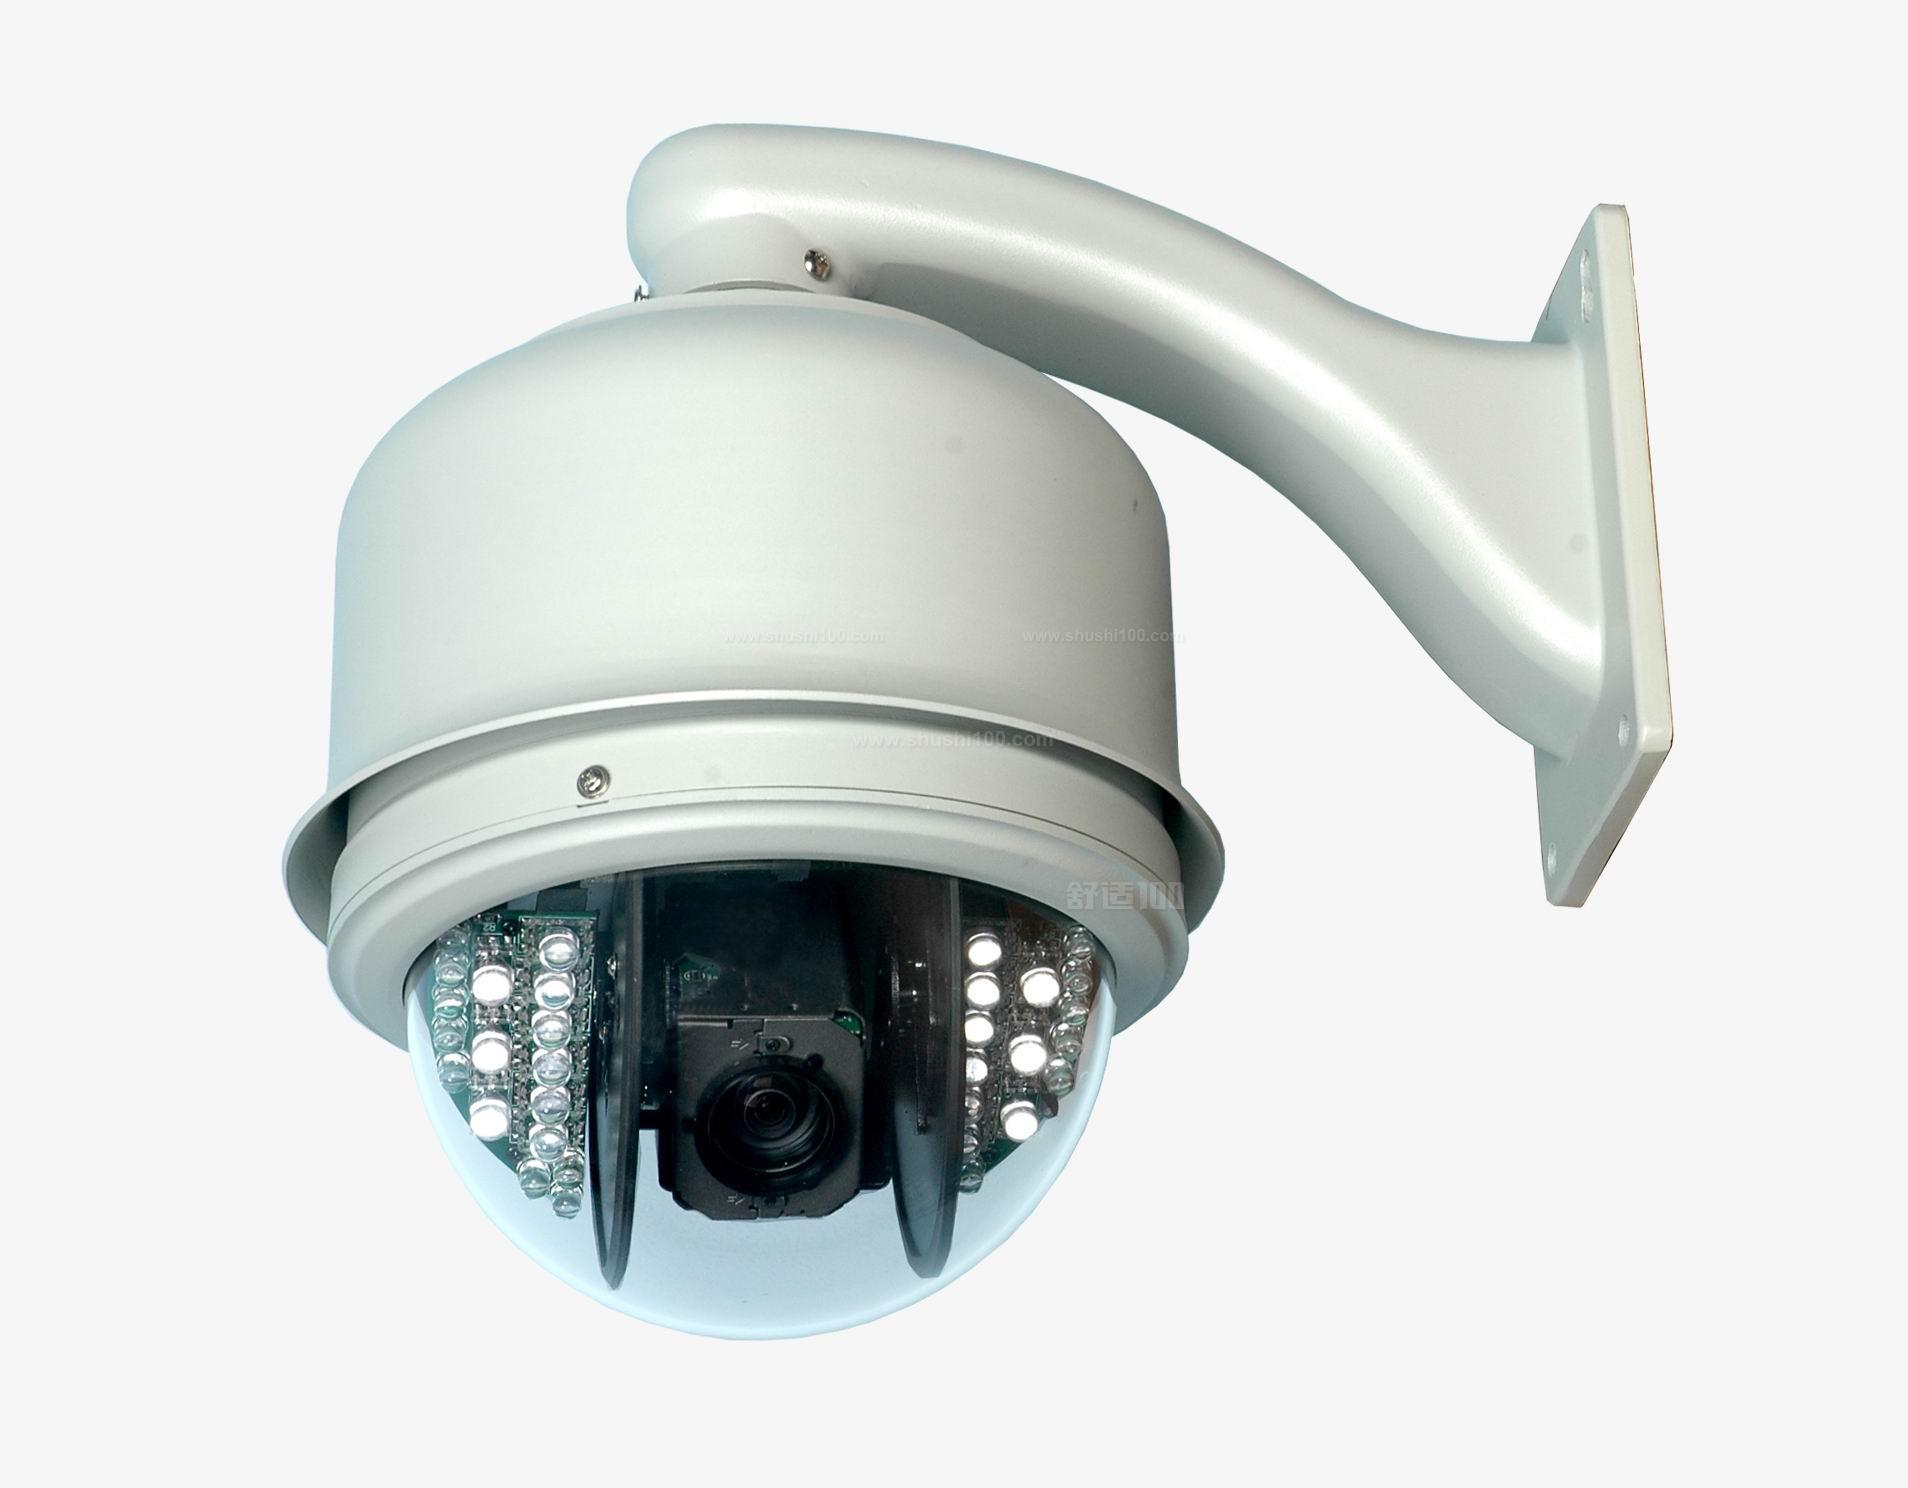 监控摄像头安装步骤—监控摄像头如何安装